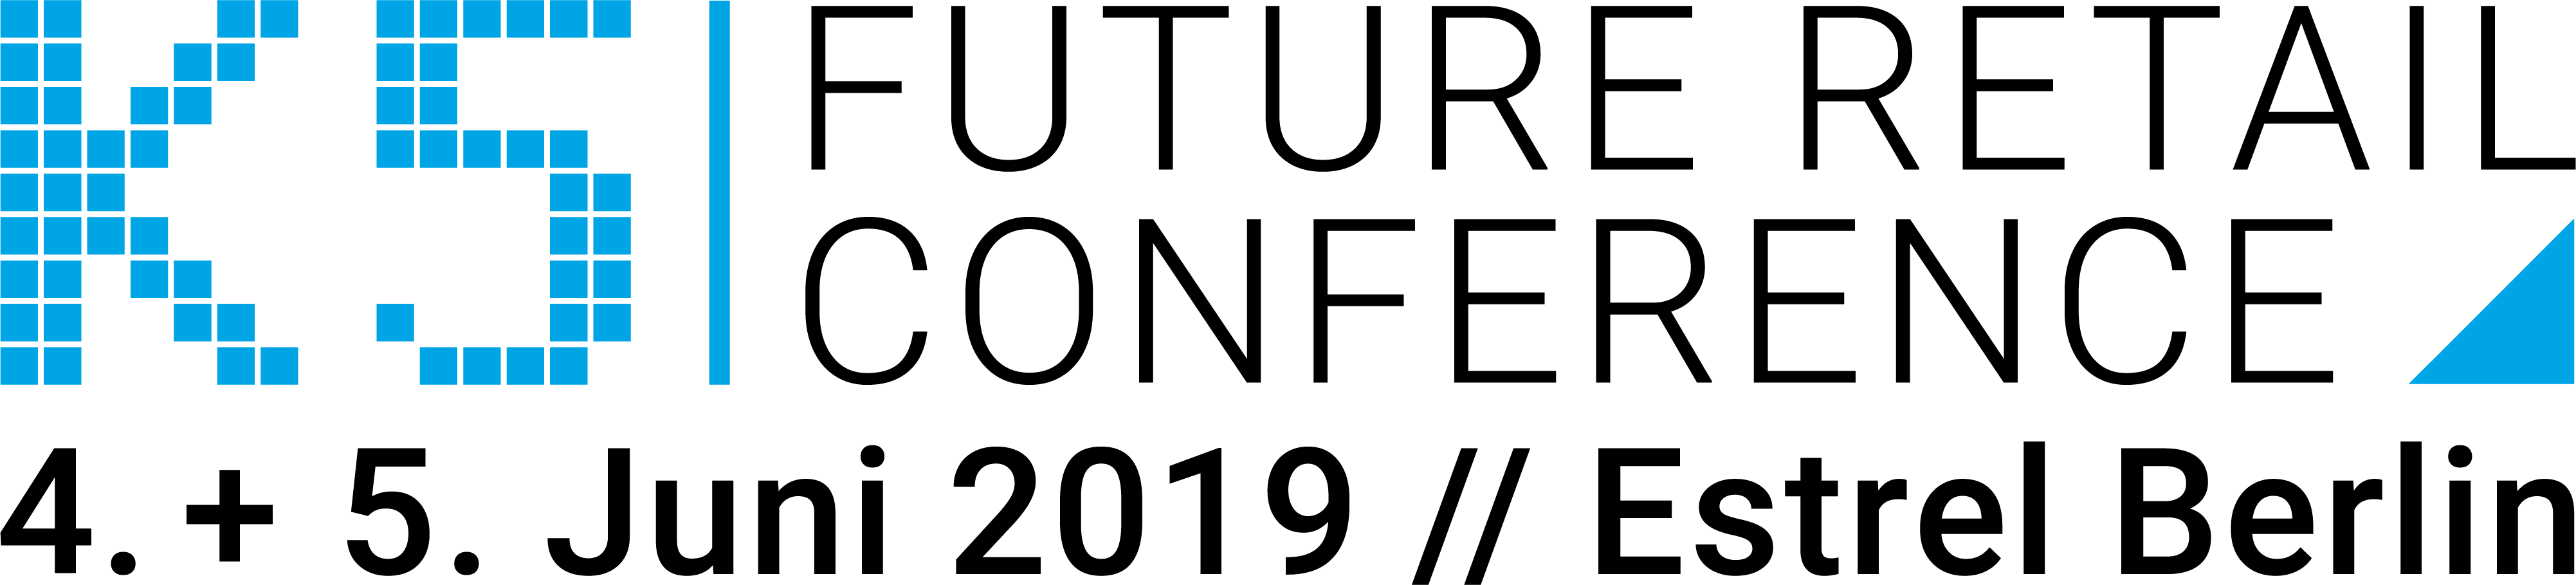 K5_FRC19_DL_4c-blk